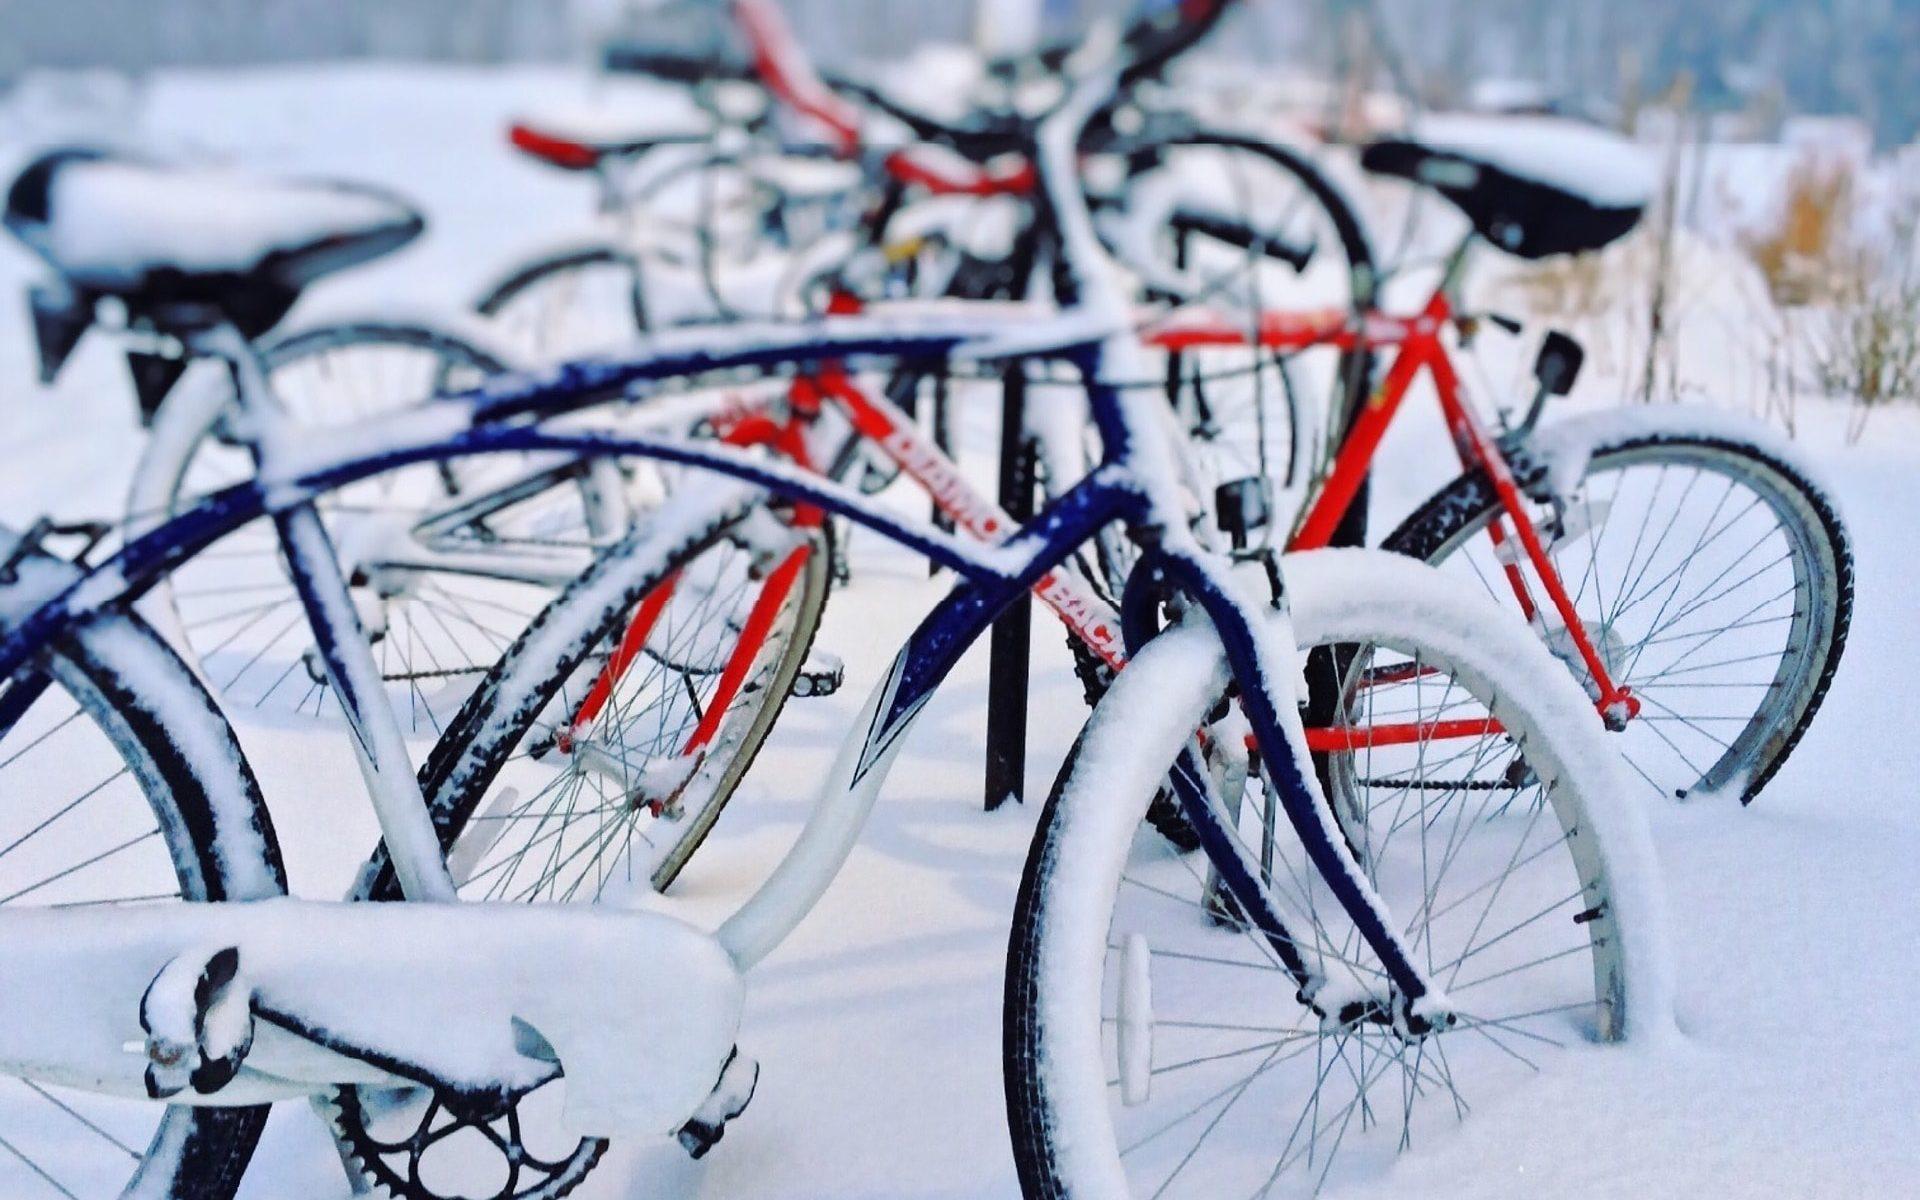 fahrrad winterpflege anleitung ratgeber frnet. Black Bedroom Furniture Sets. Home Design Ideas